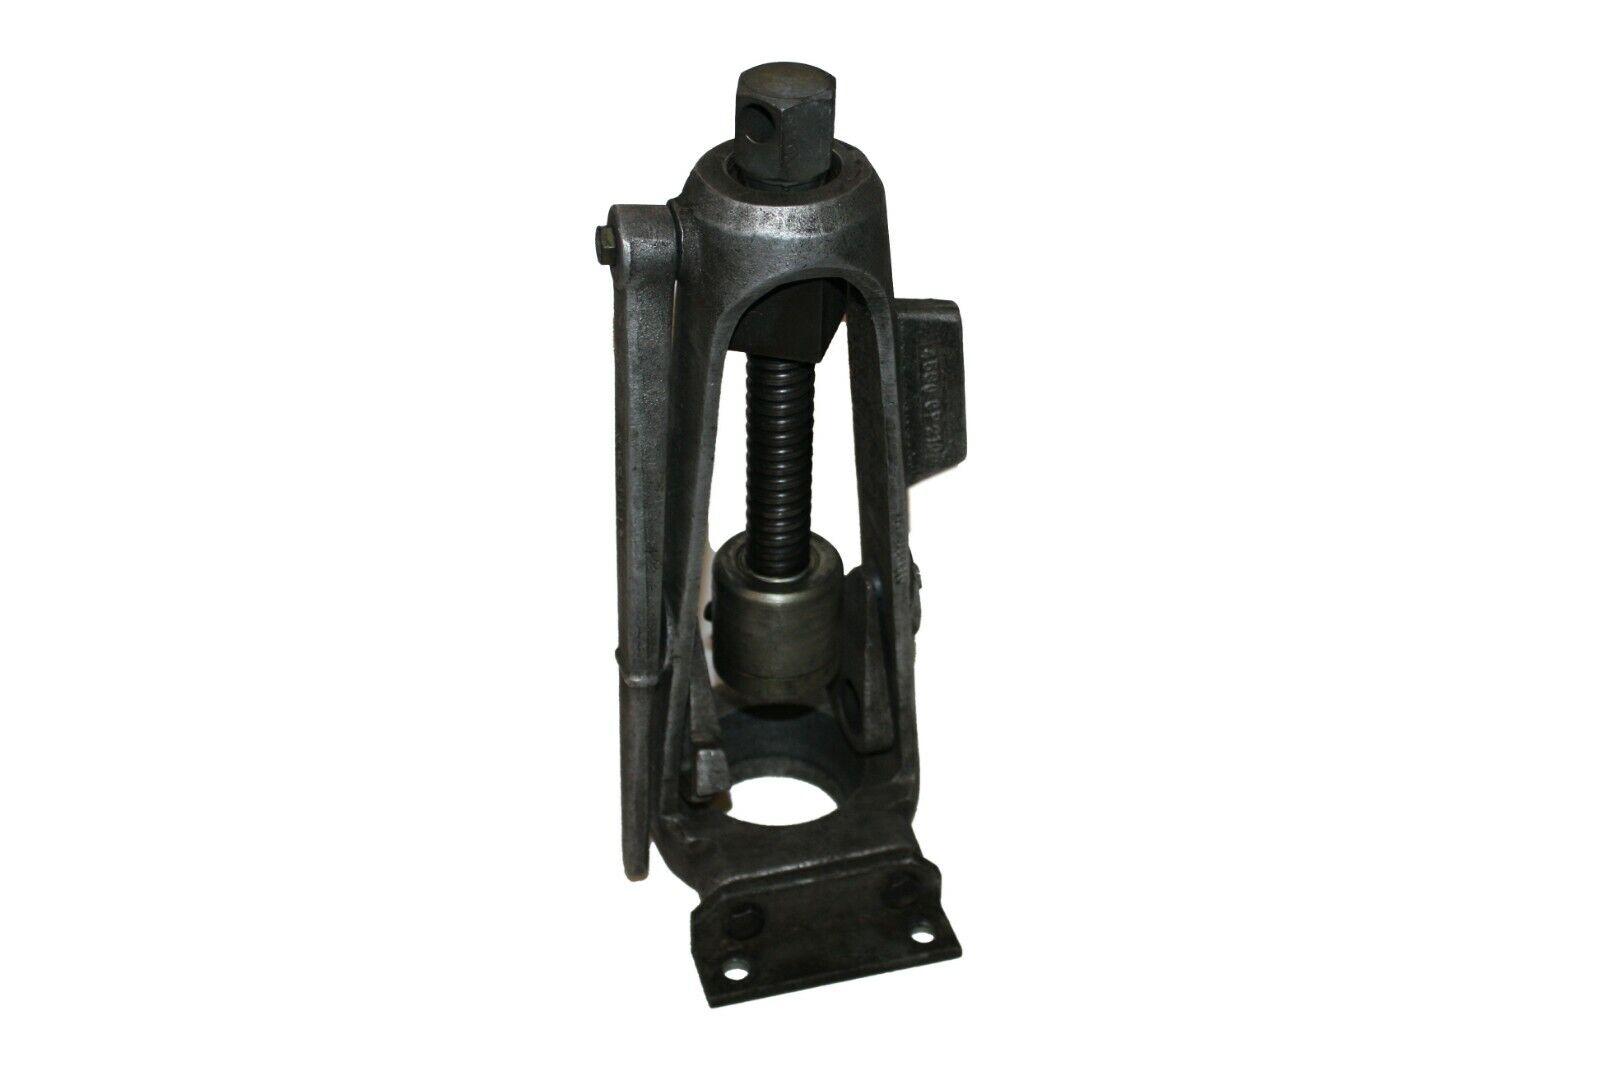 Synflex Press for Hydraulikschlauchkupplung Hydraulic Hose 4530 Cp210